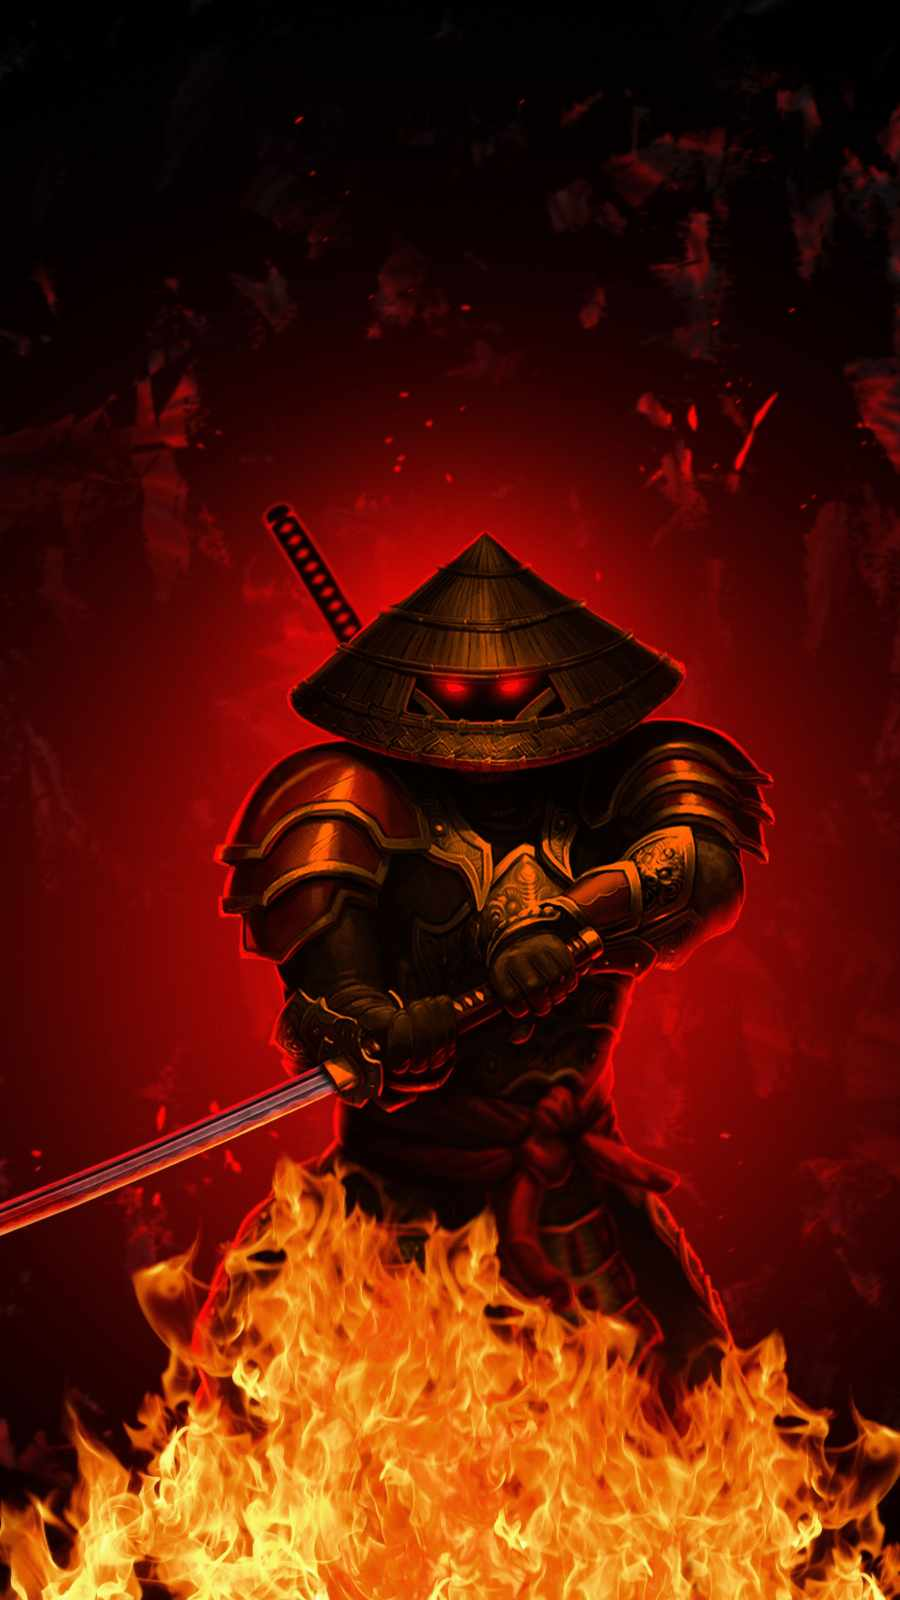 Samurai on Fire